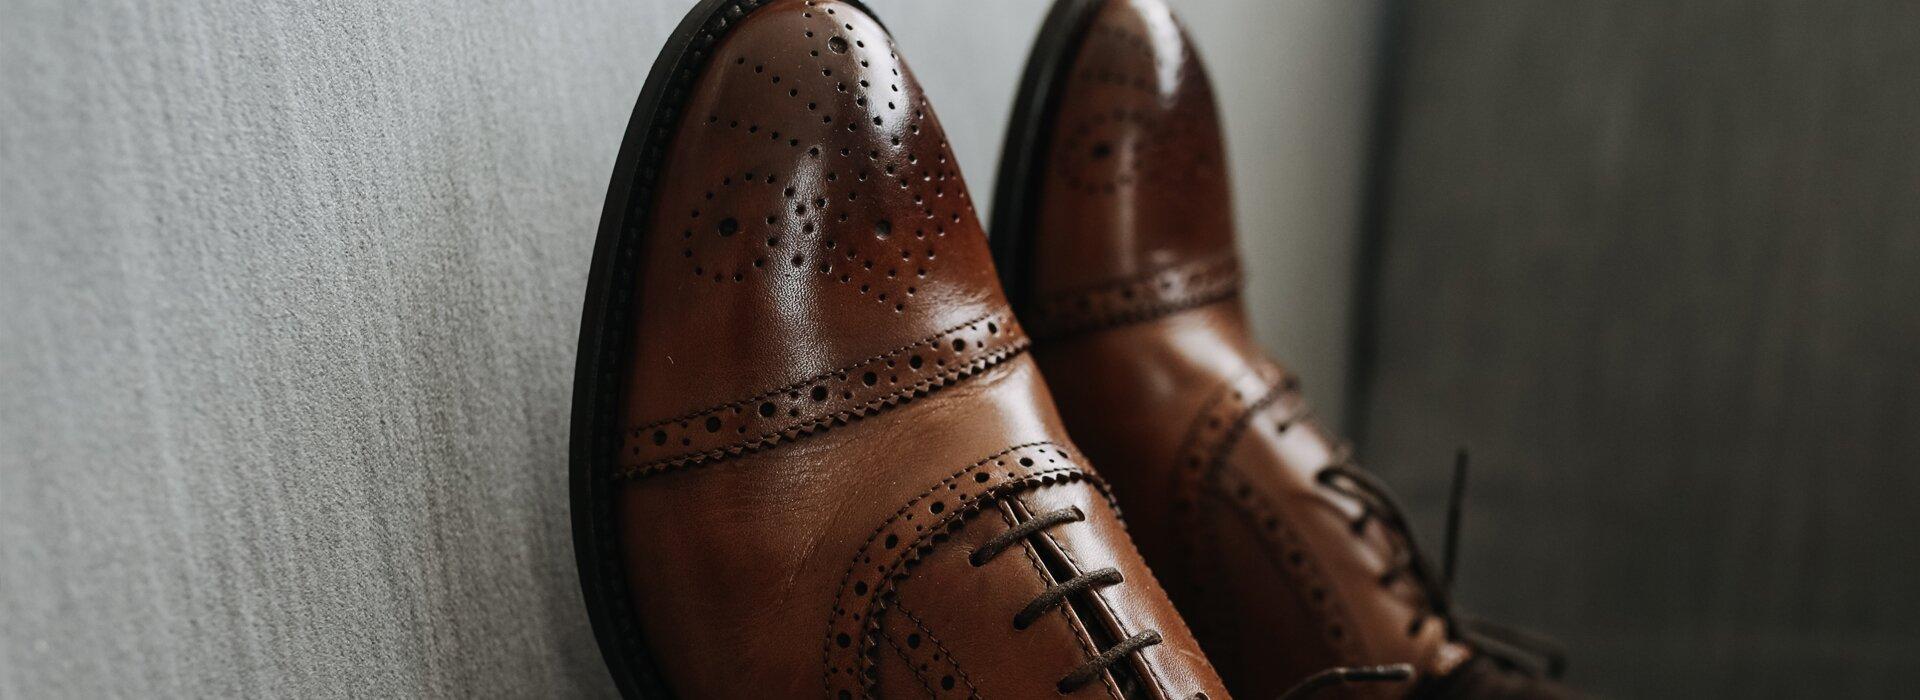 Klasyczne buty, Męskie obuwie, Klasyki mody męskiej, Jak nosić obuwie klasyczne, Moda męska. Grzegorz Paliś, GMALE